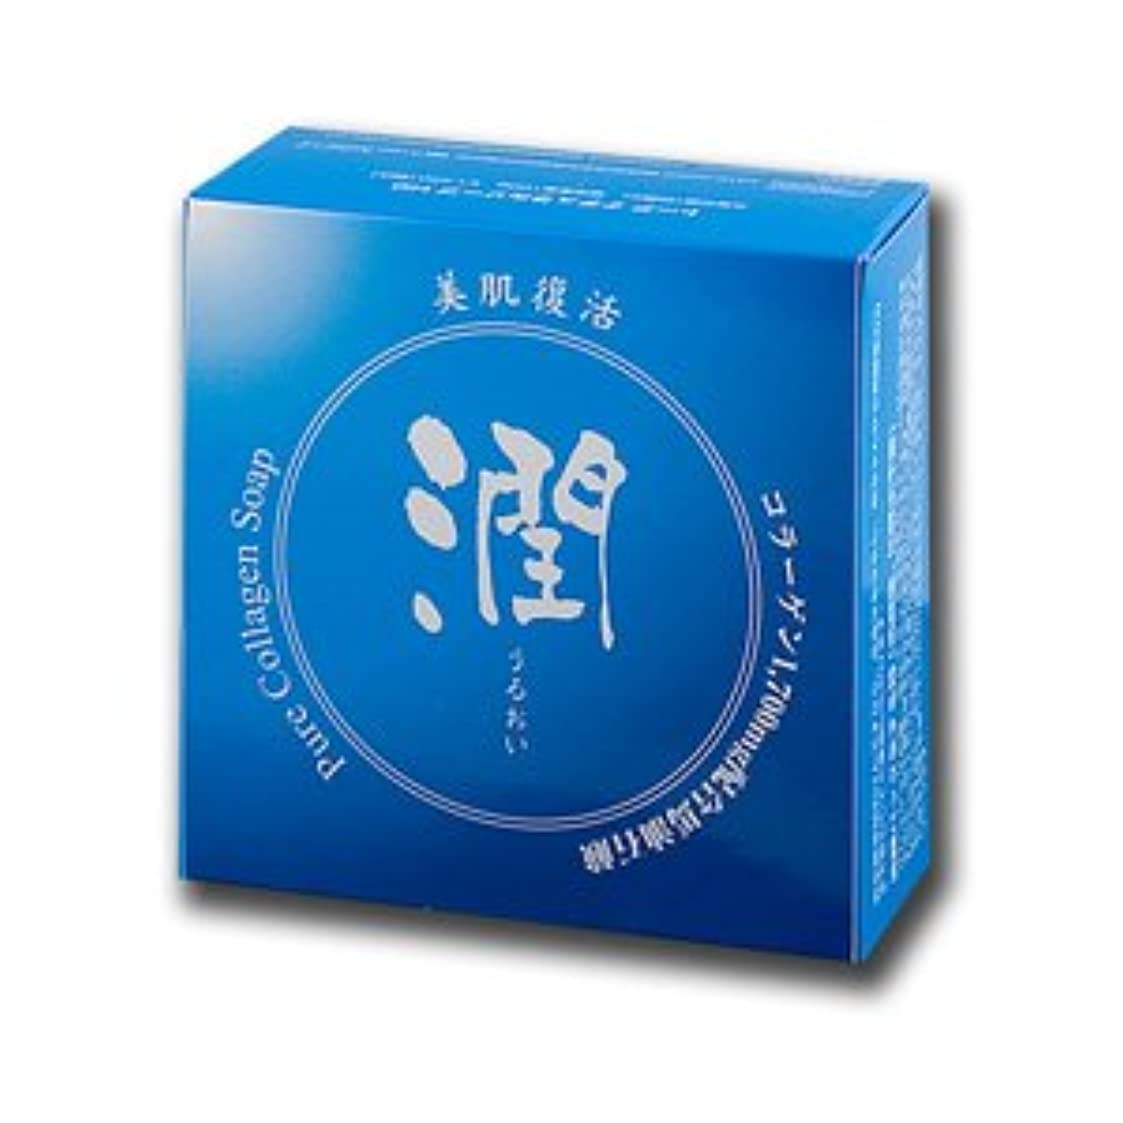 フィドル雰囲気南東コラーゲン馬油石鹸 潤 100g (#800410) ×5個セット